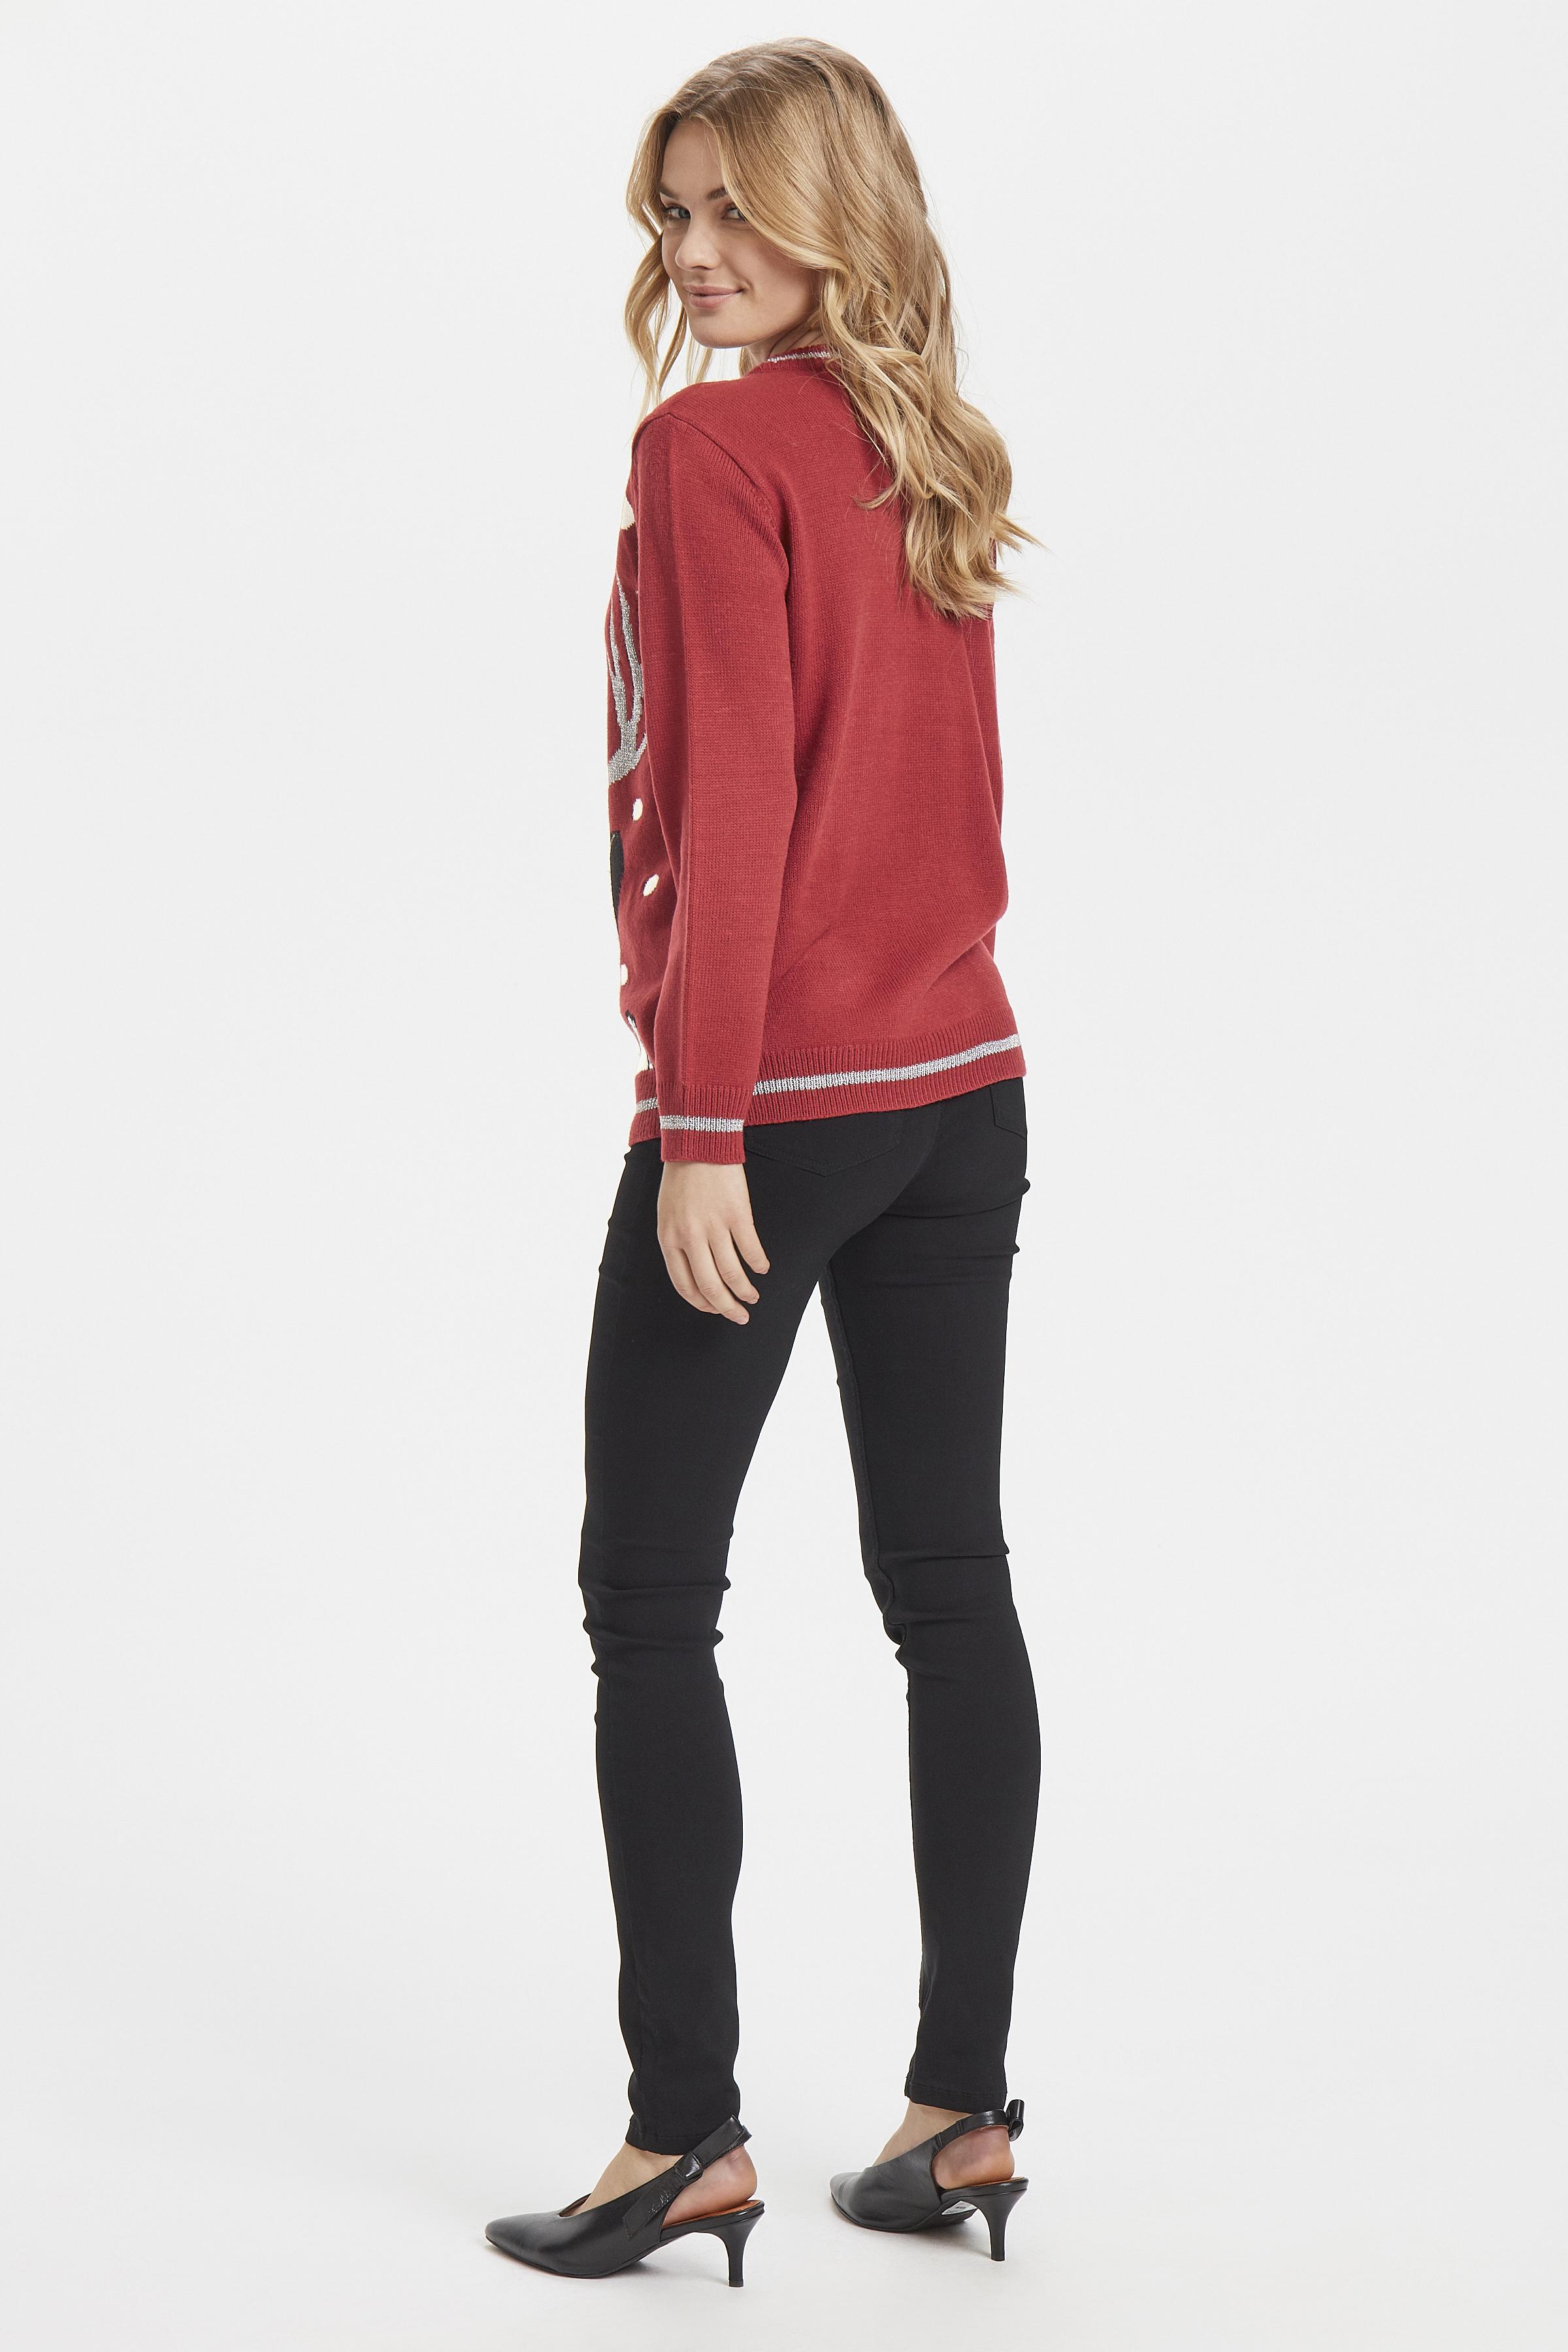 Blood Red Combi 1 Pullover van b.young – Koop Blood Red Combi 1 Pullover hier van size XS-XXL